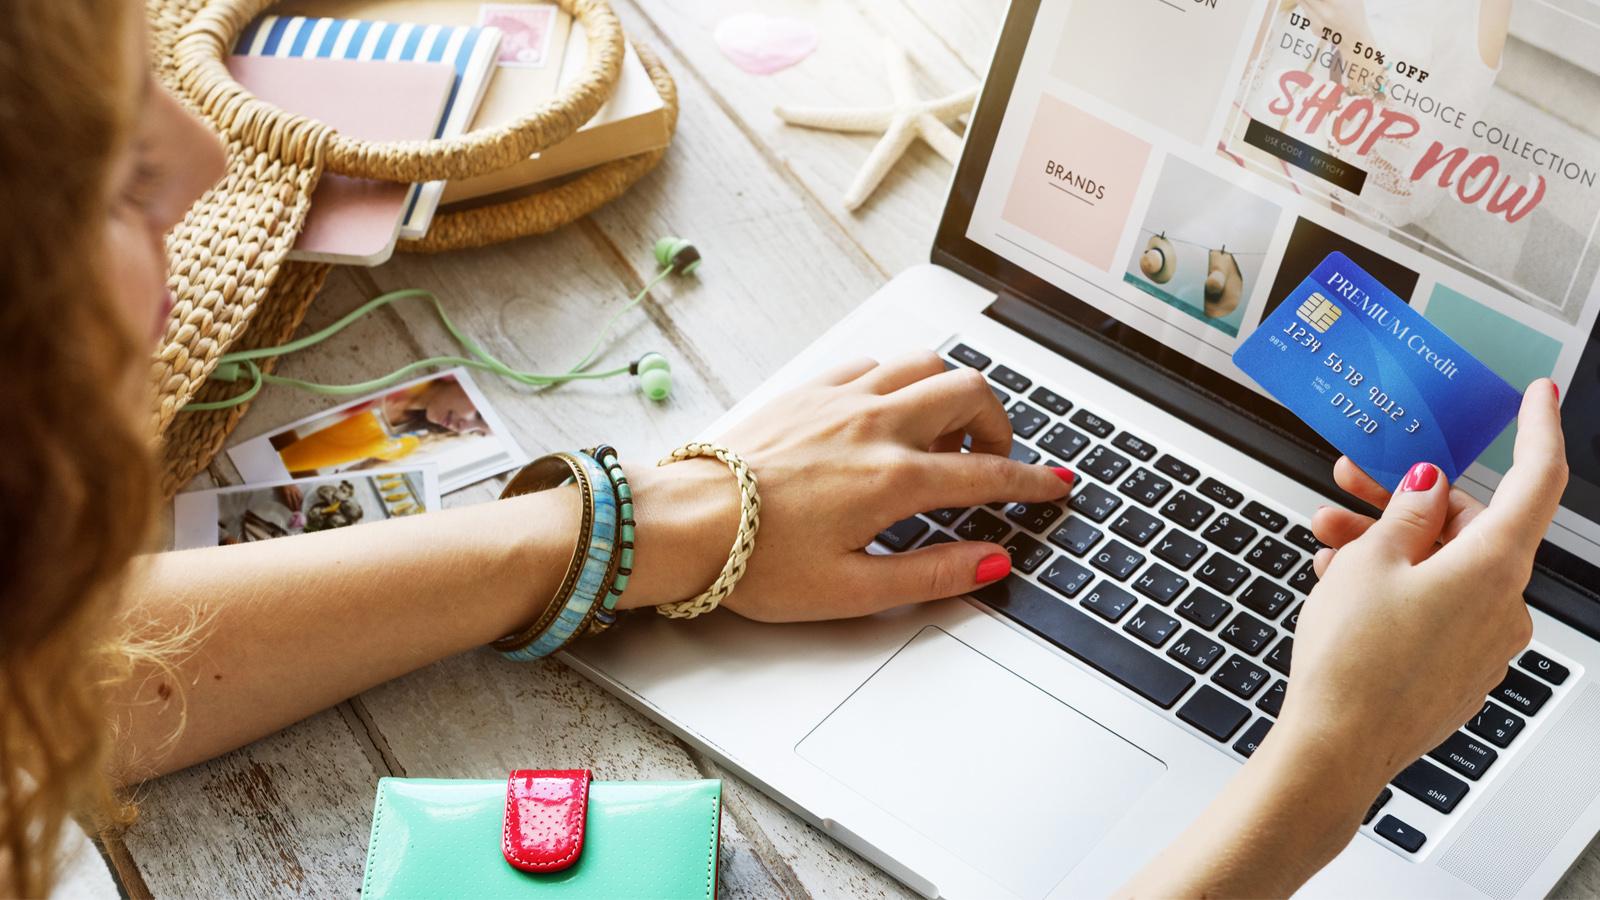 dda5be40c73e Come trovare i negozi online sicuri